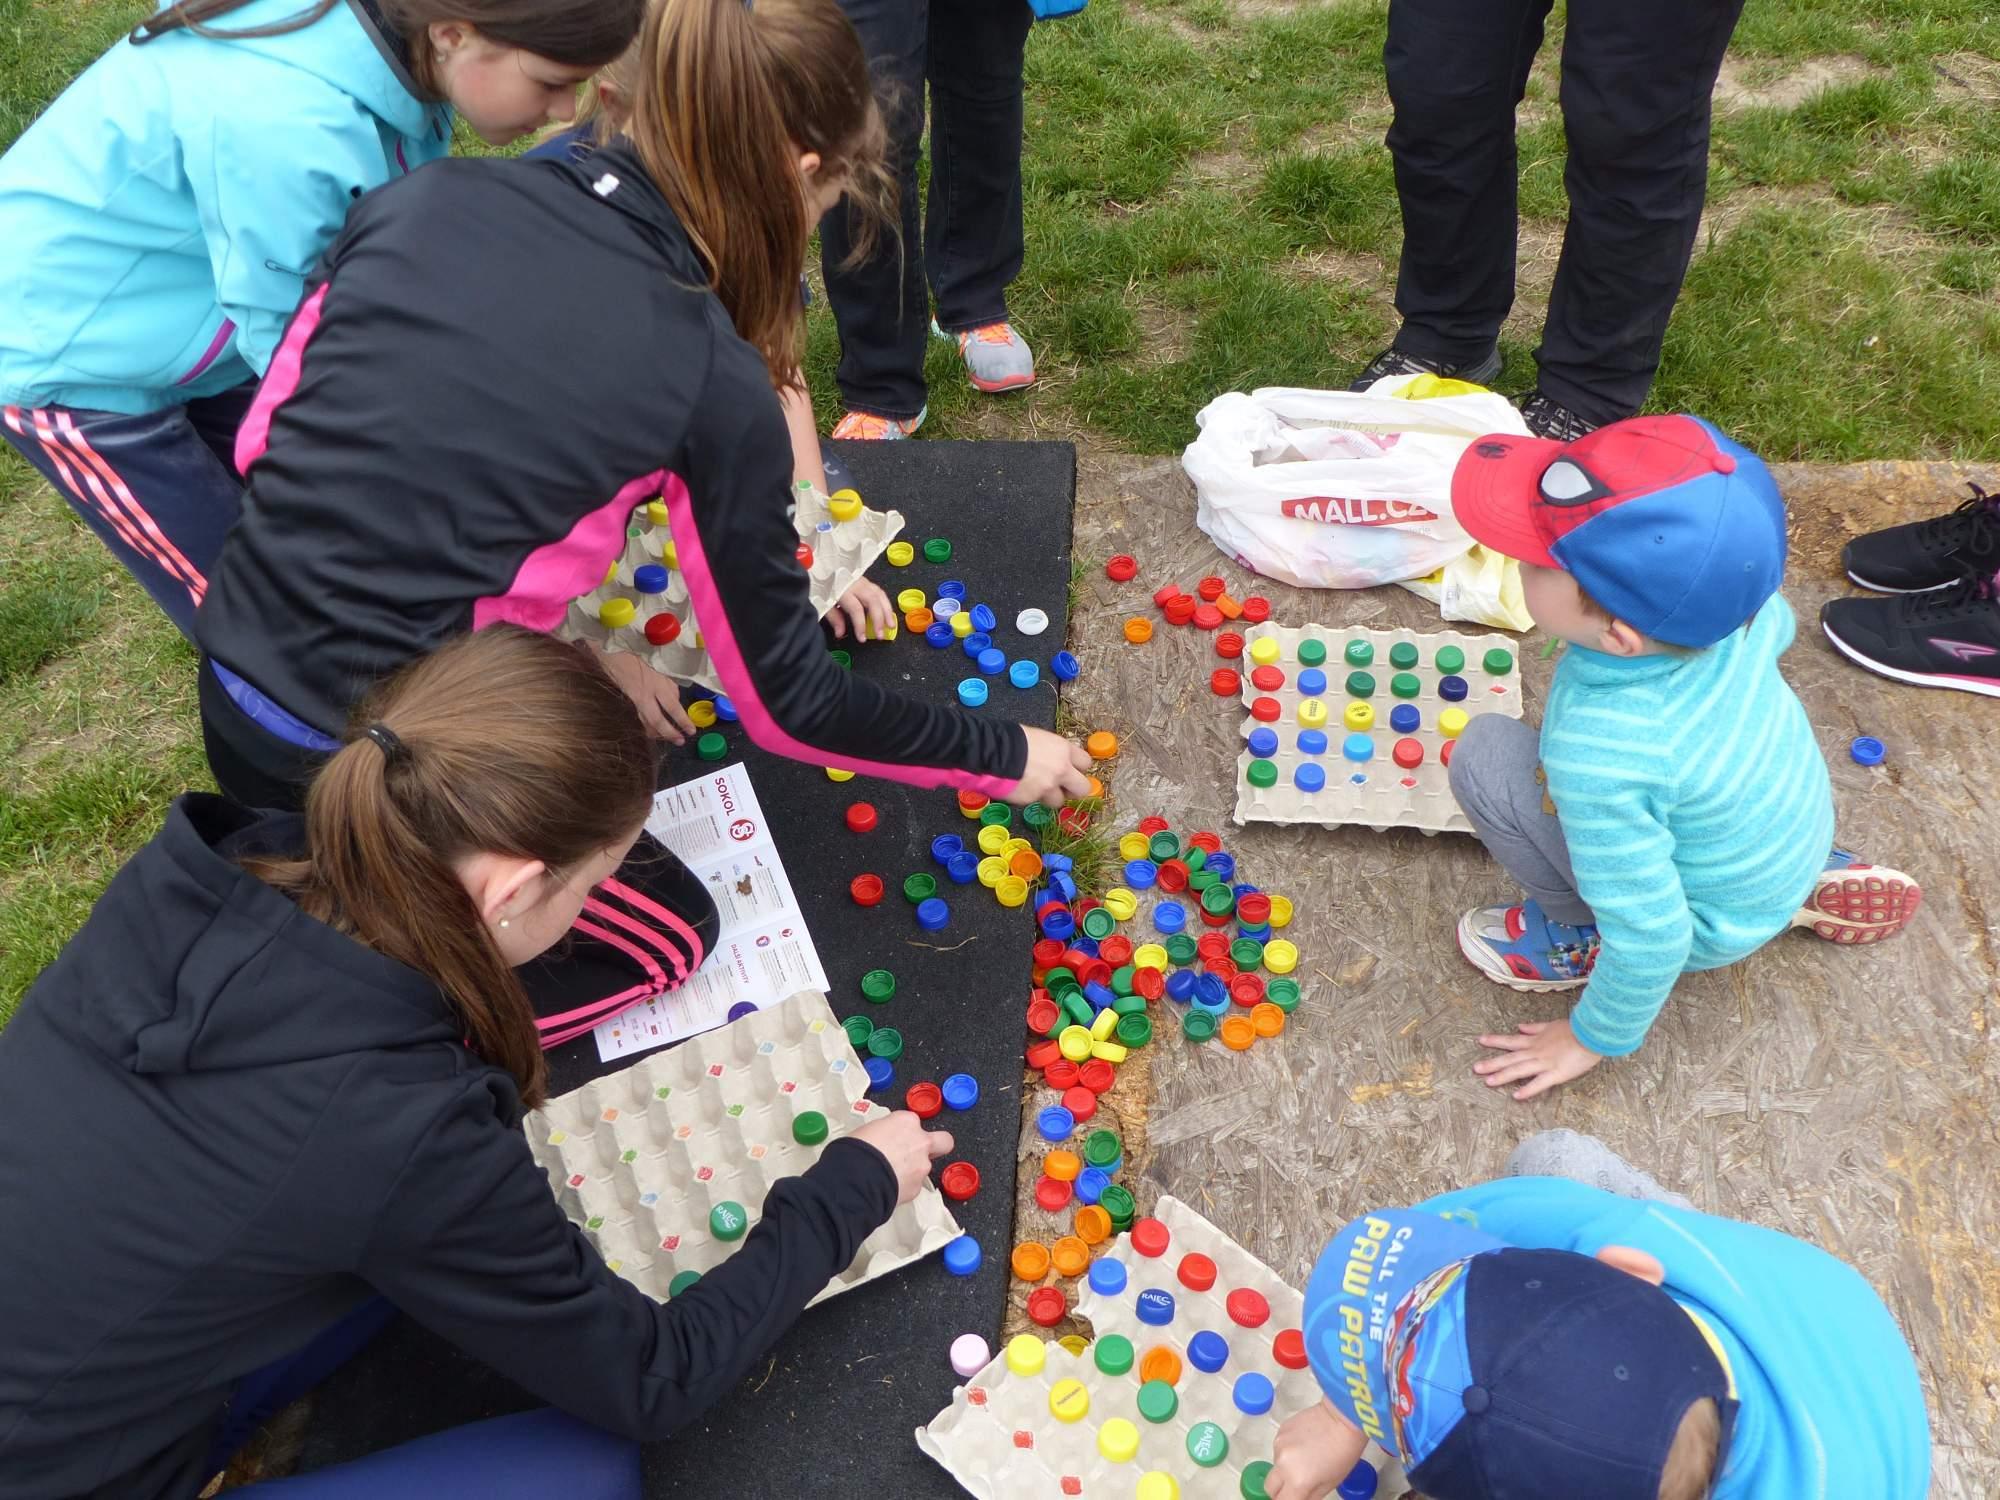 Děti se zabavily i každodenními předměty. Foto: Michaela Střížová